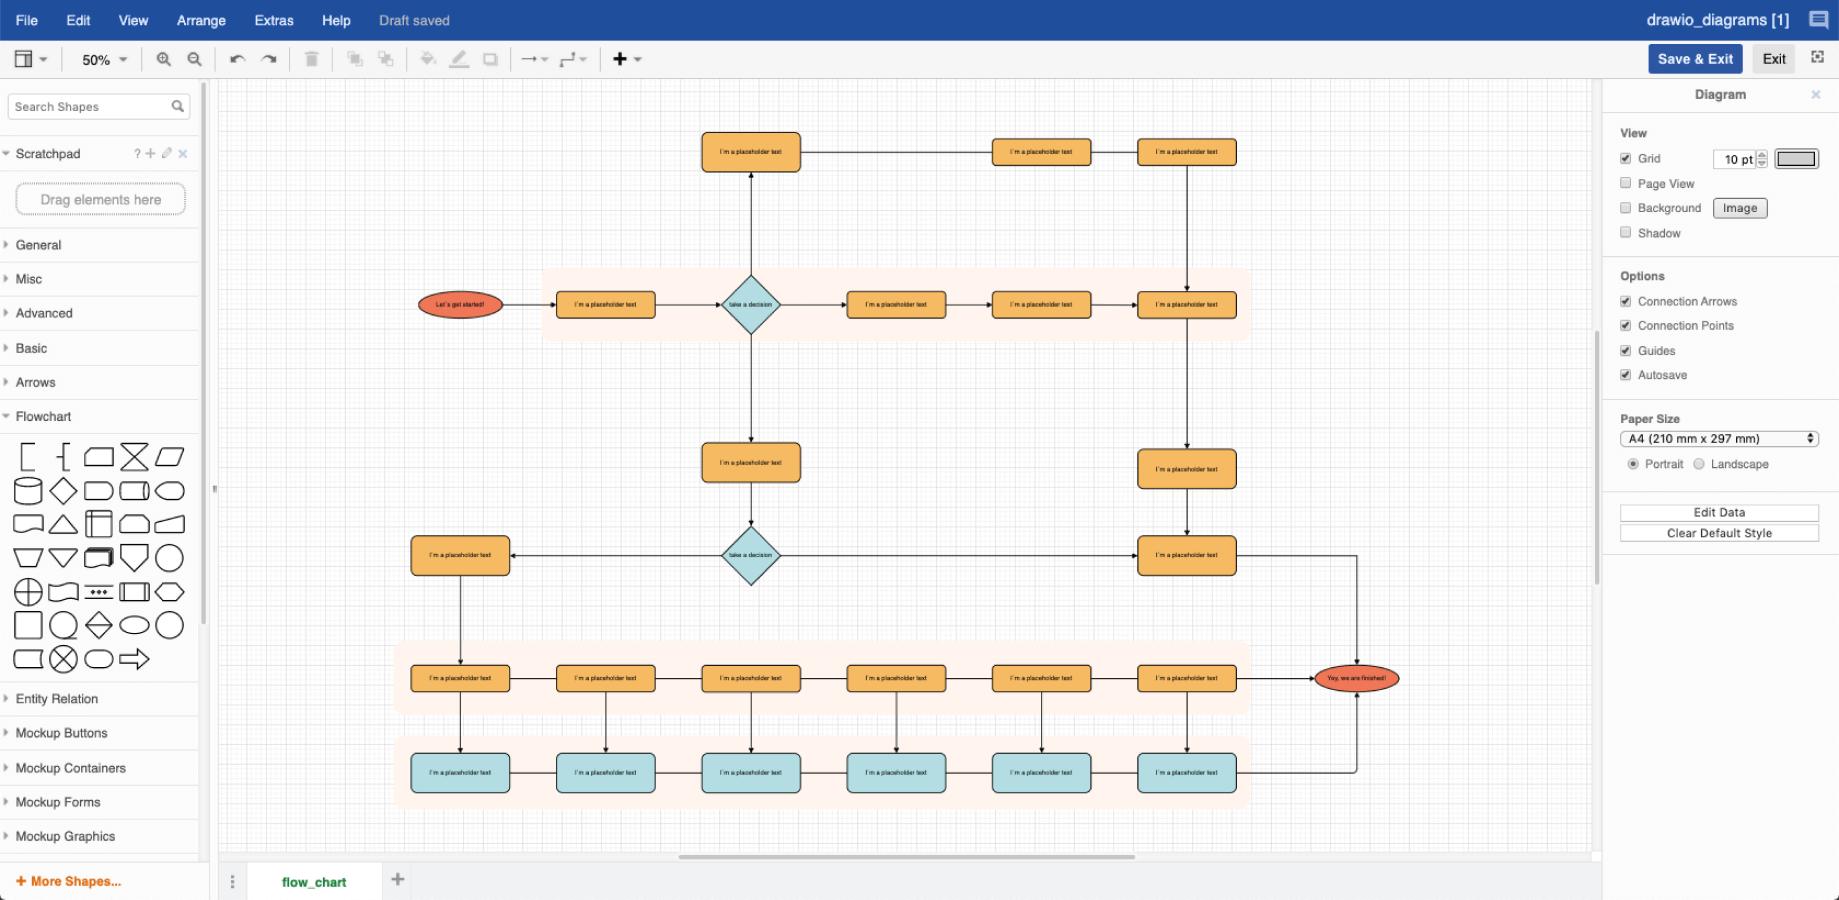 Пример диаграммы процесса (создано в Draw.io)